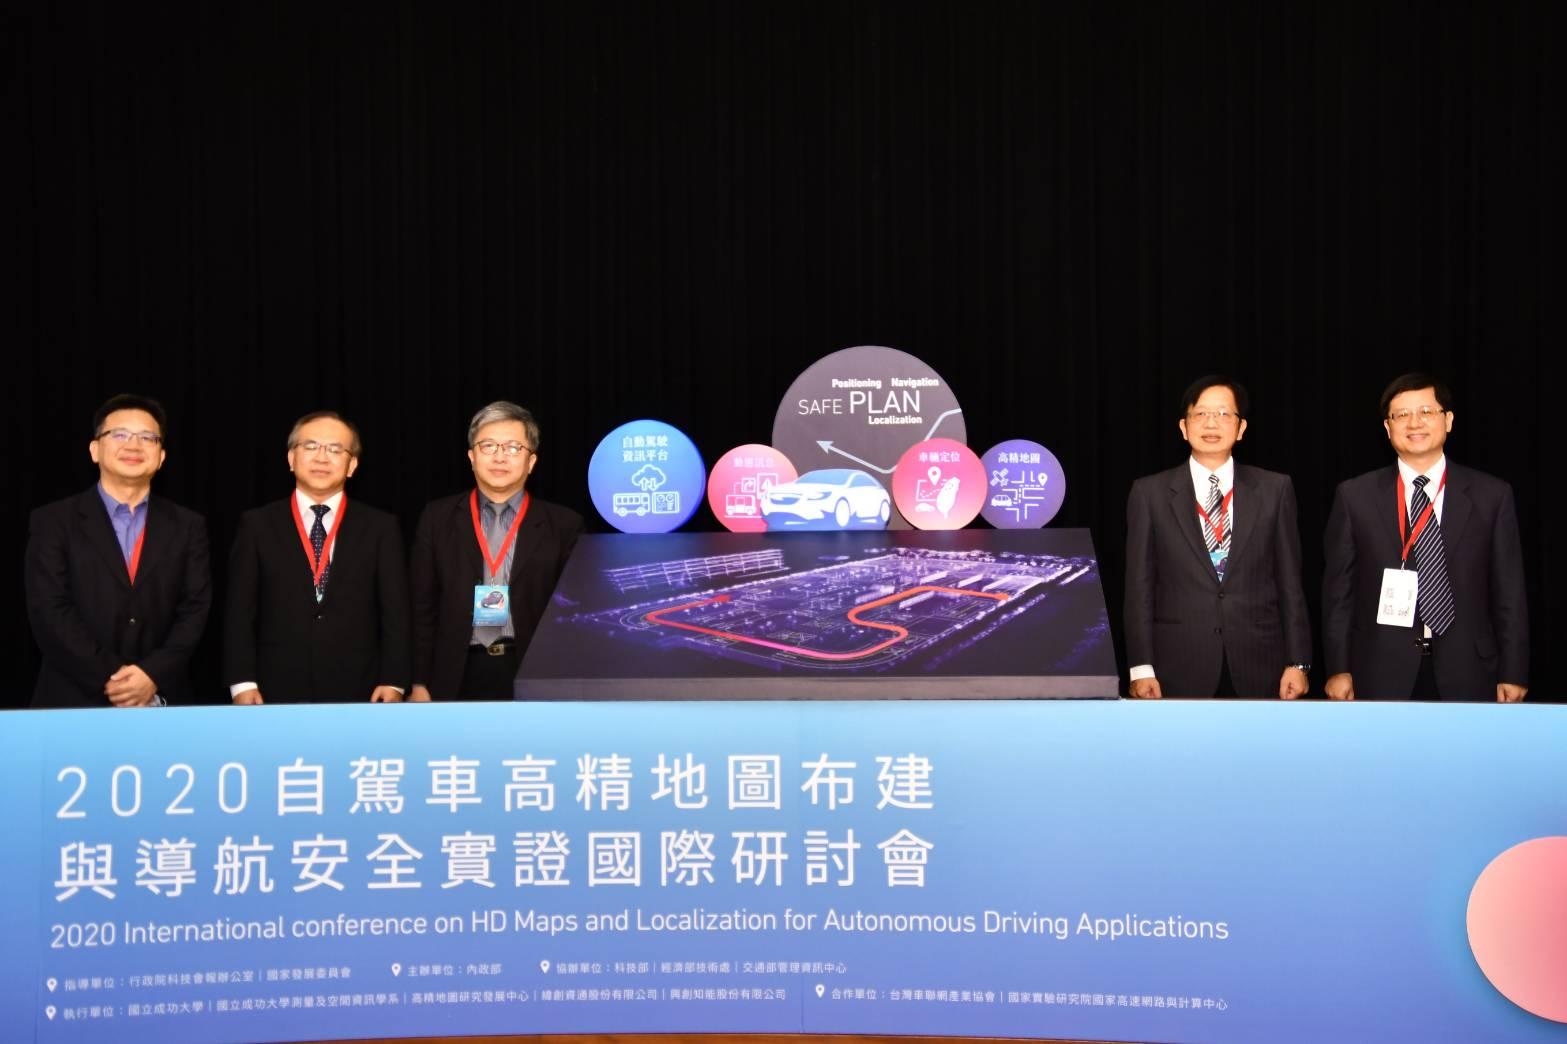 內政部舉辦2020自駕車高精地圖布建與導航安全實證國際研討會